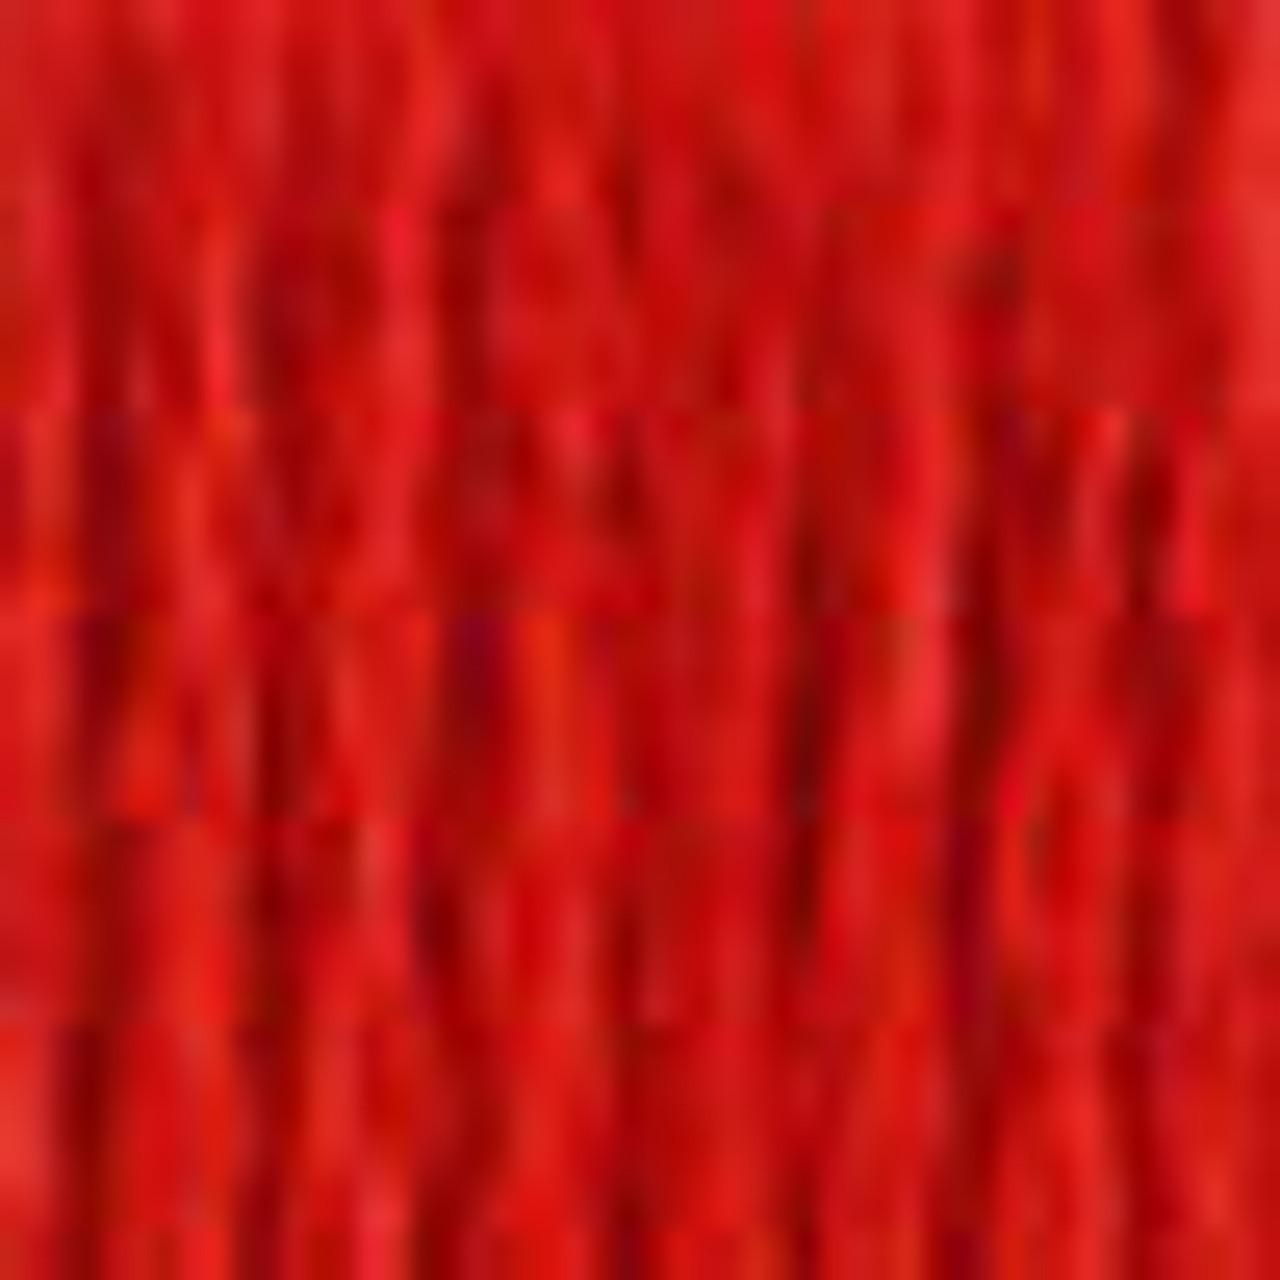 DMC # 3830 Terra Cotta Floss / Thread